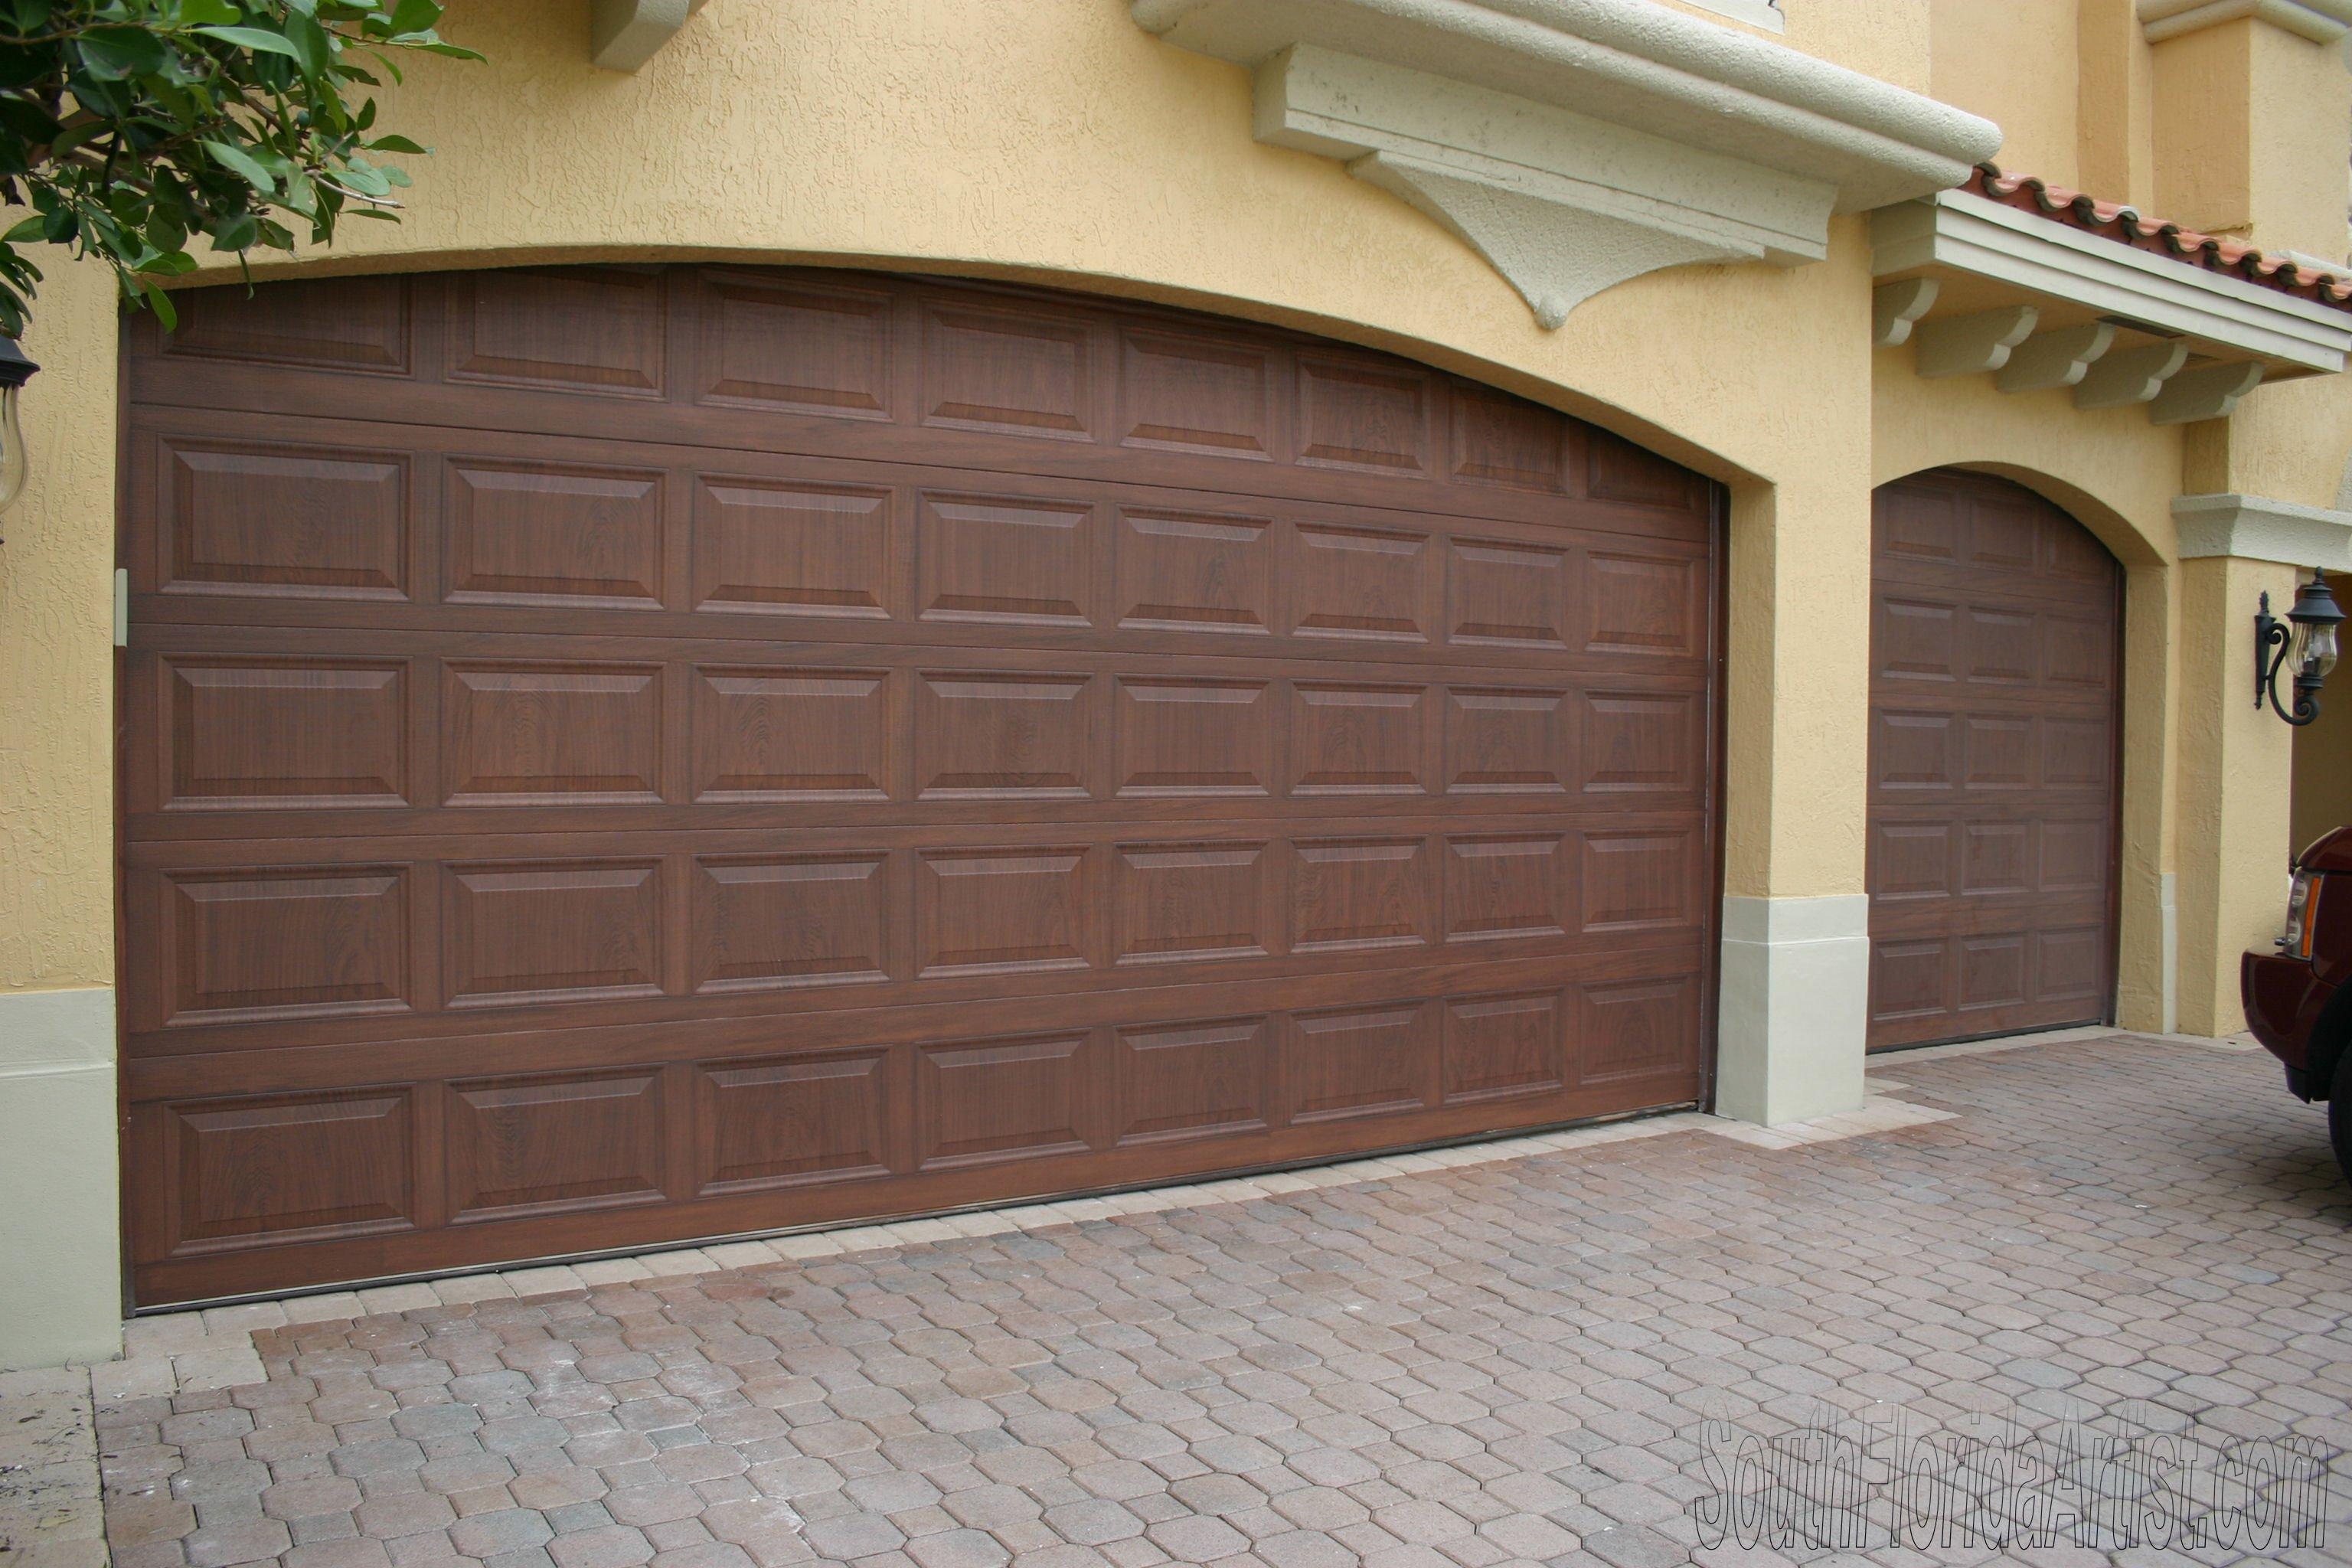 Residential - Exterior - Garage doors